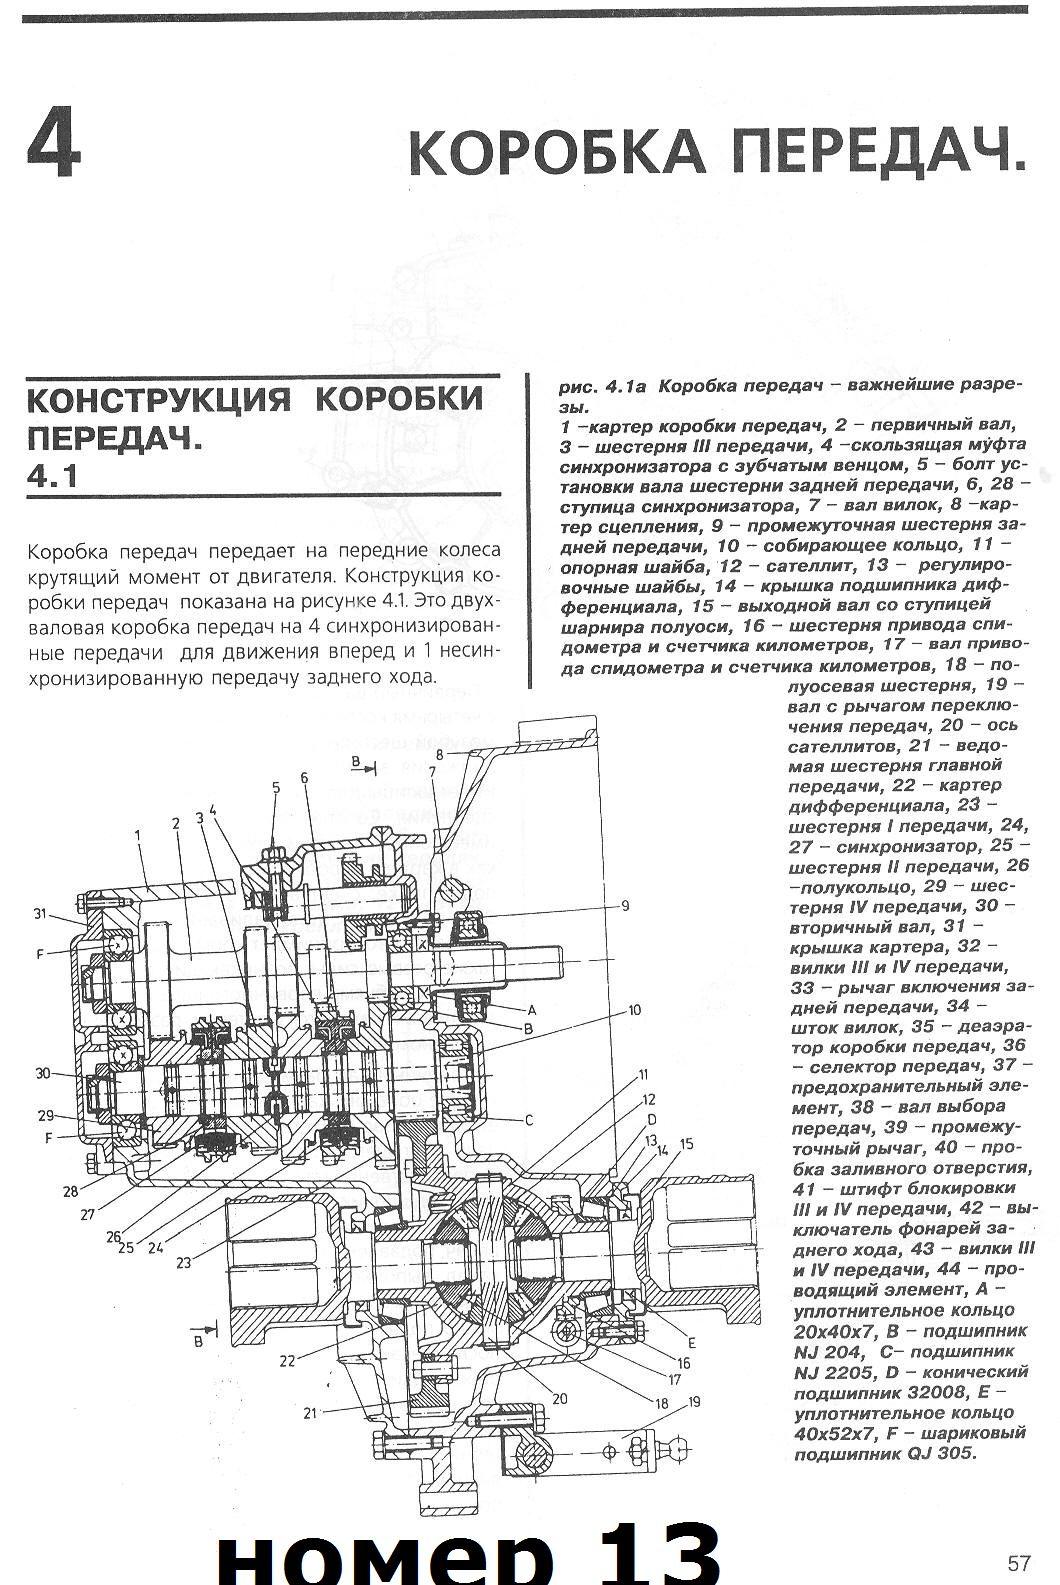 http://s1.uploads.ru/i/9l6S5.jpg